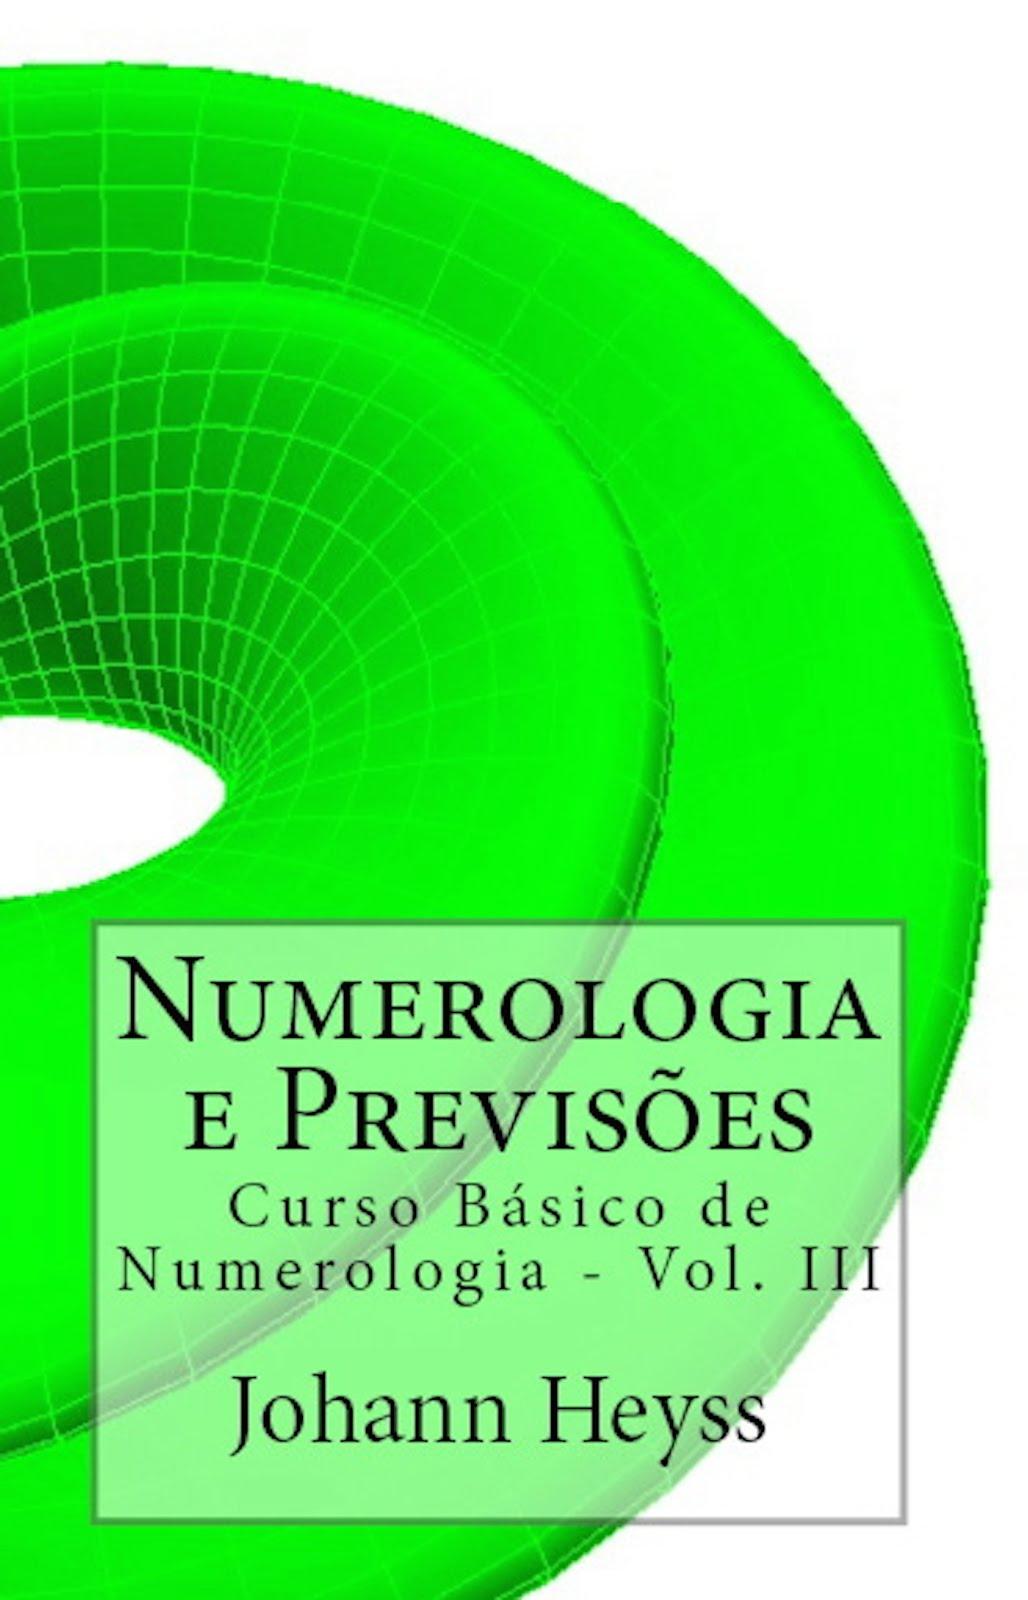 Numerologia e previsões